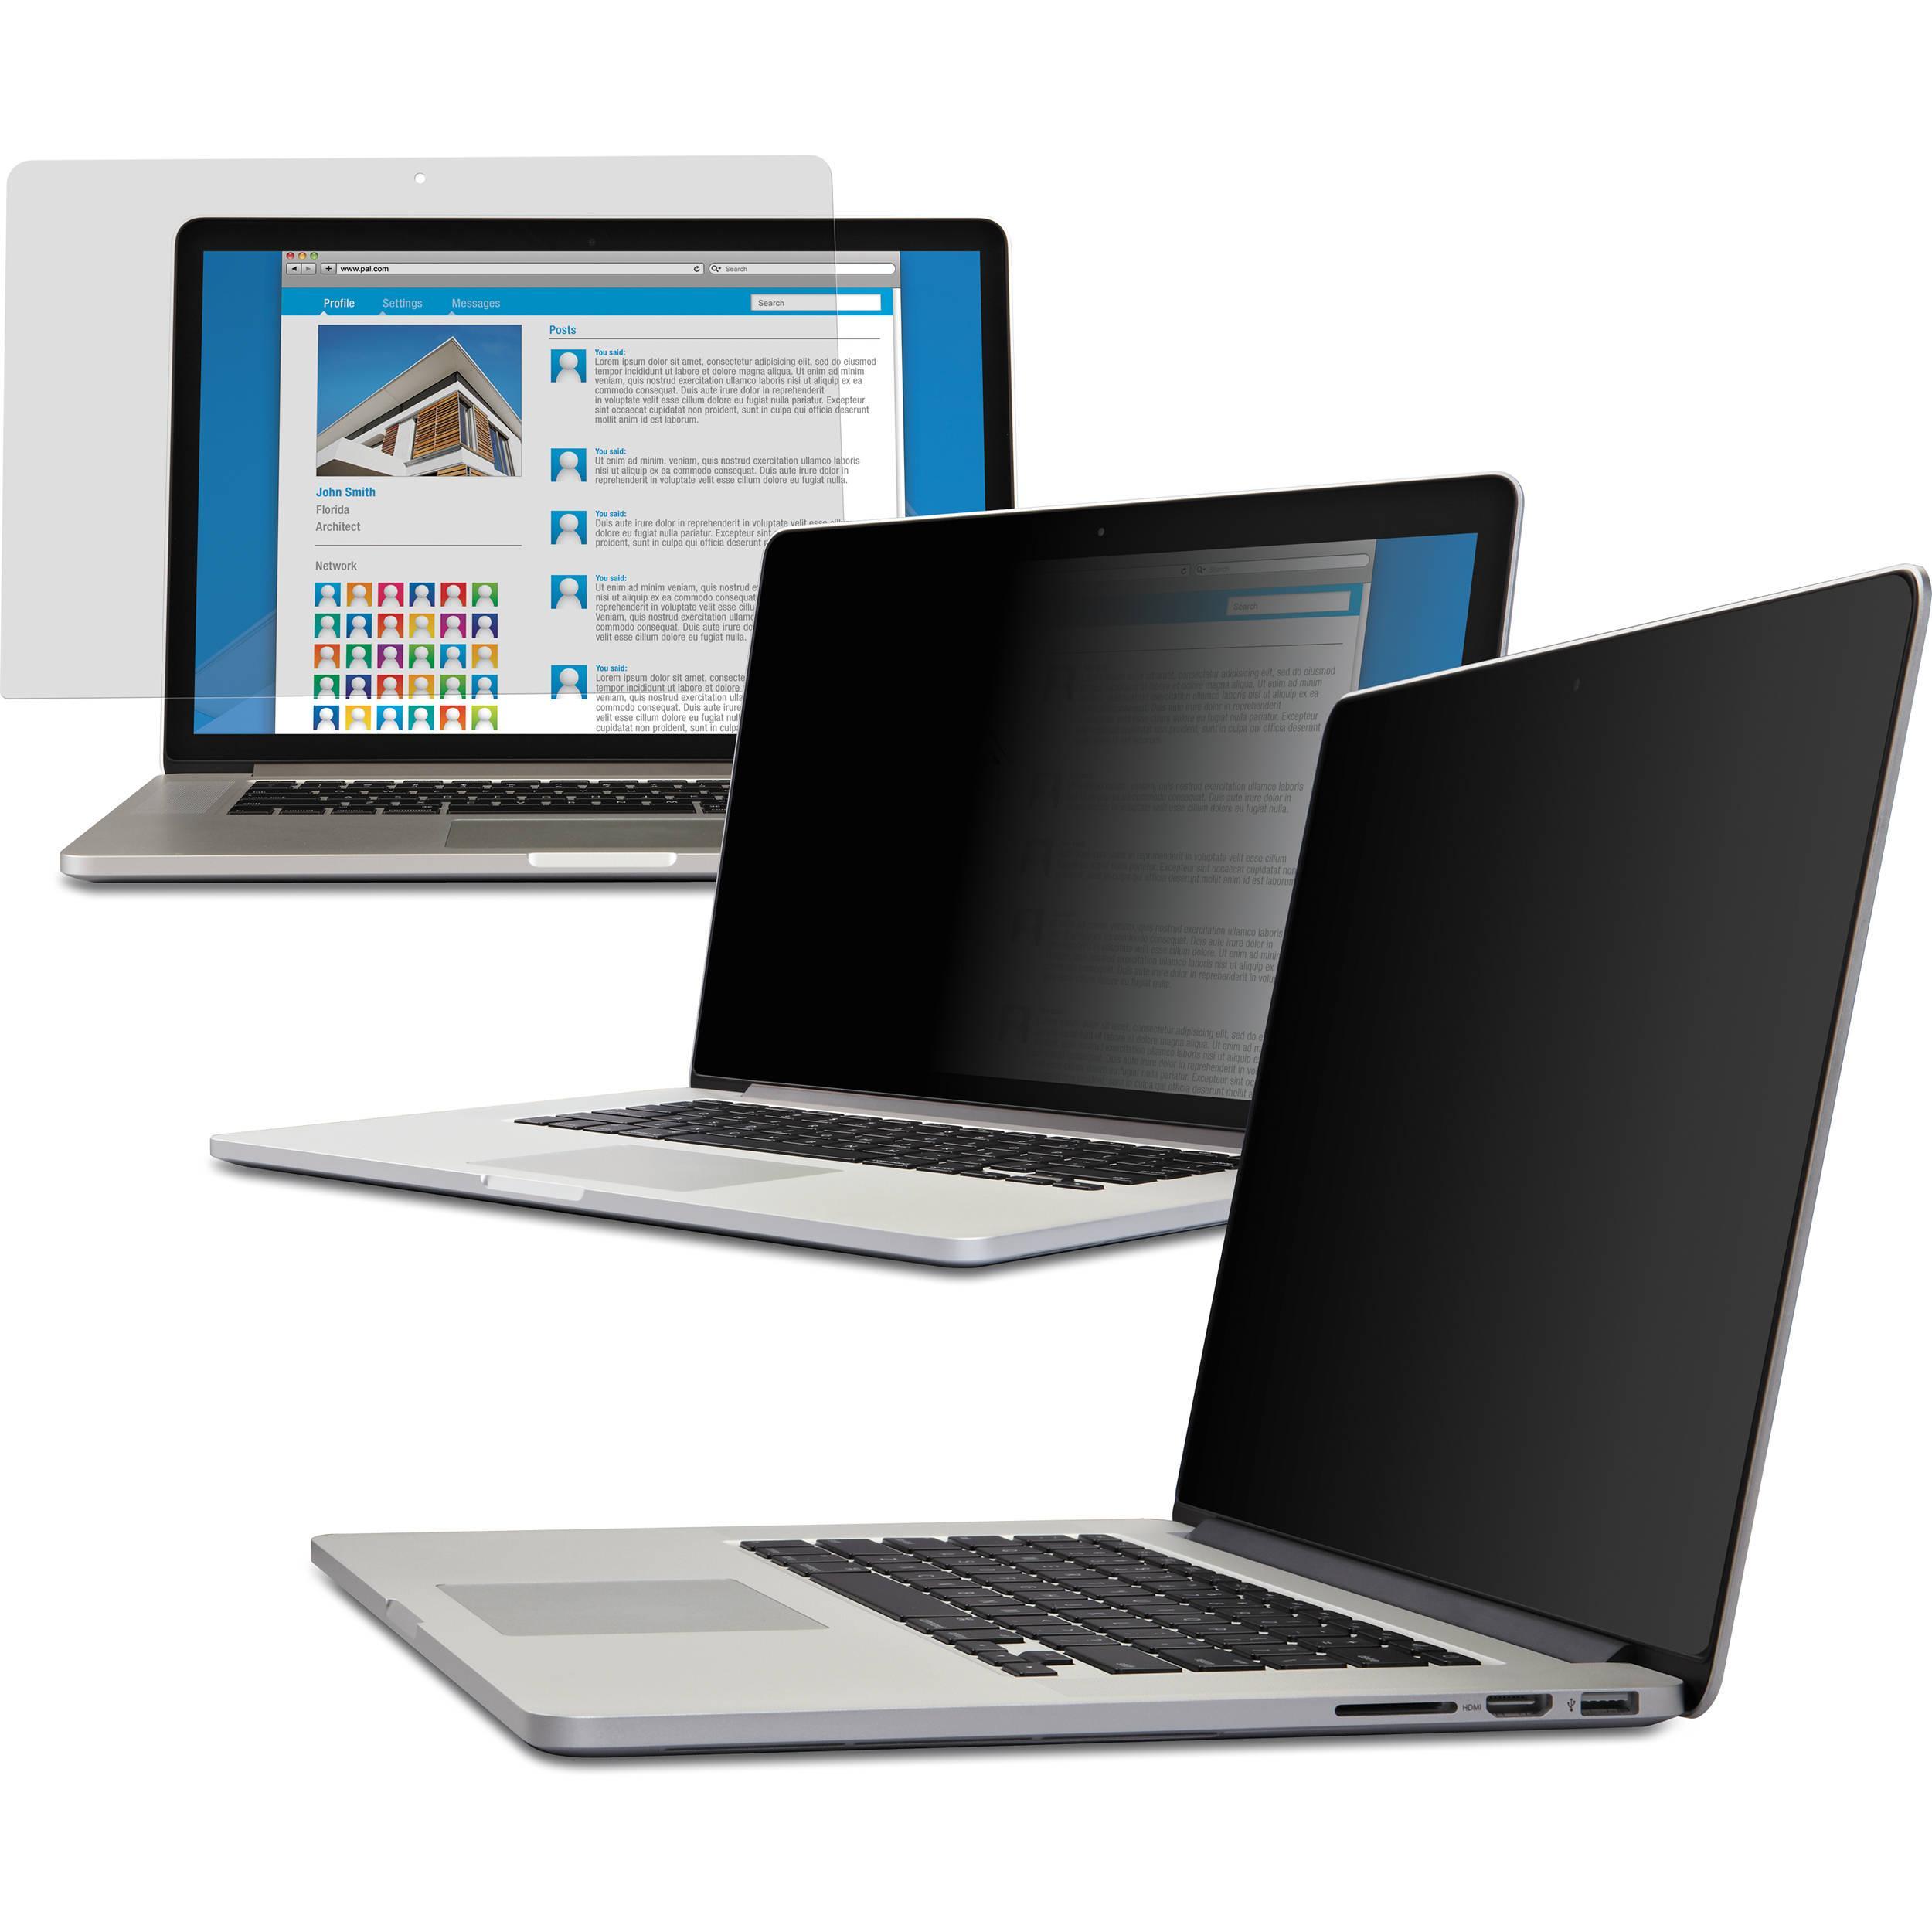 """Laptop / LCD Fabrika Outlet Gizlilik Filtresi 12.5 inç 13.3 inç 14 inç 15 """"15.6"""" 17 """"17.3"""" Gizlilik Ekran Koruyucu Herhangi bir boyut özelleştirilebilir"""